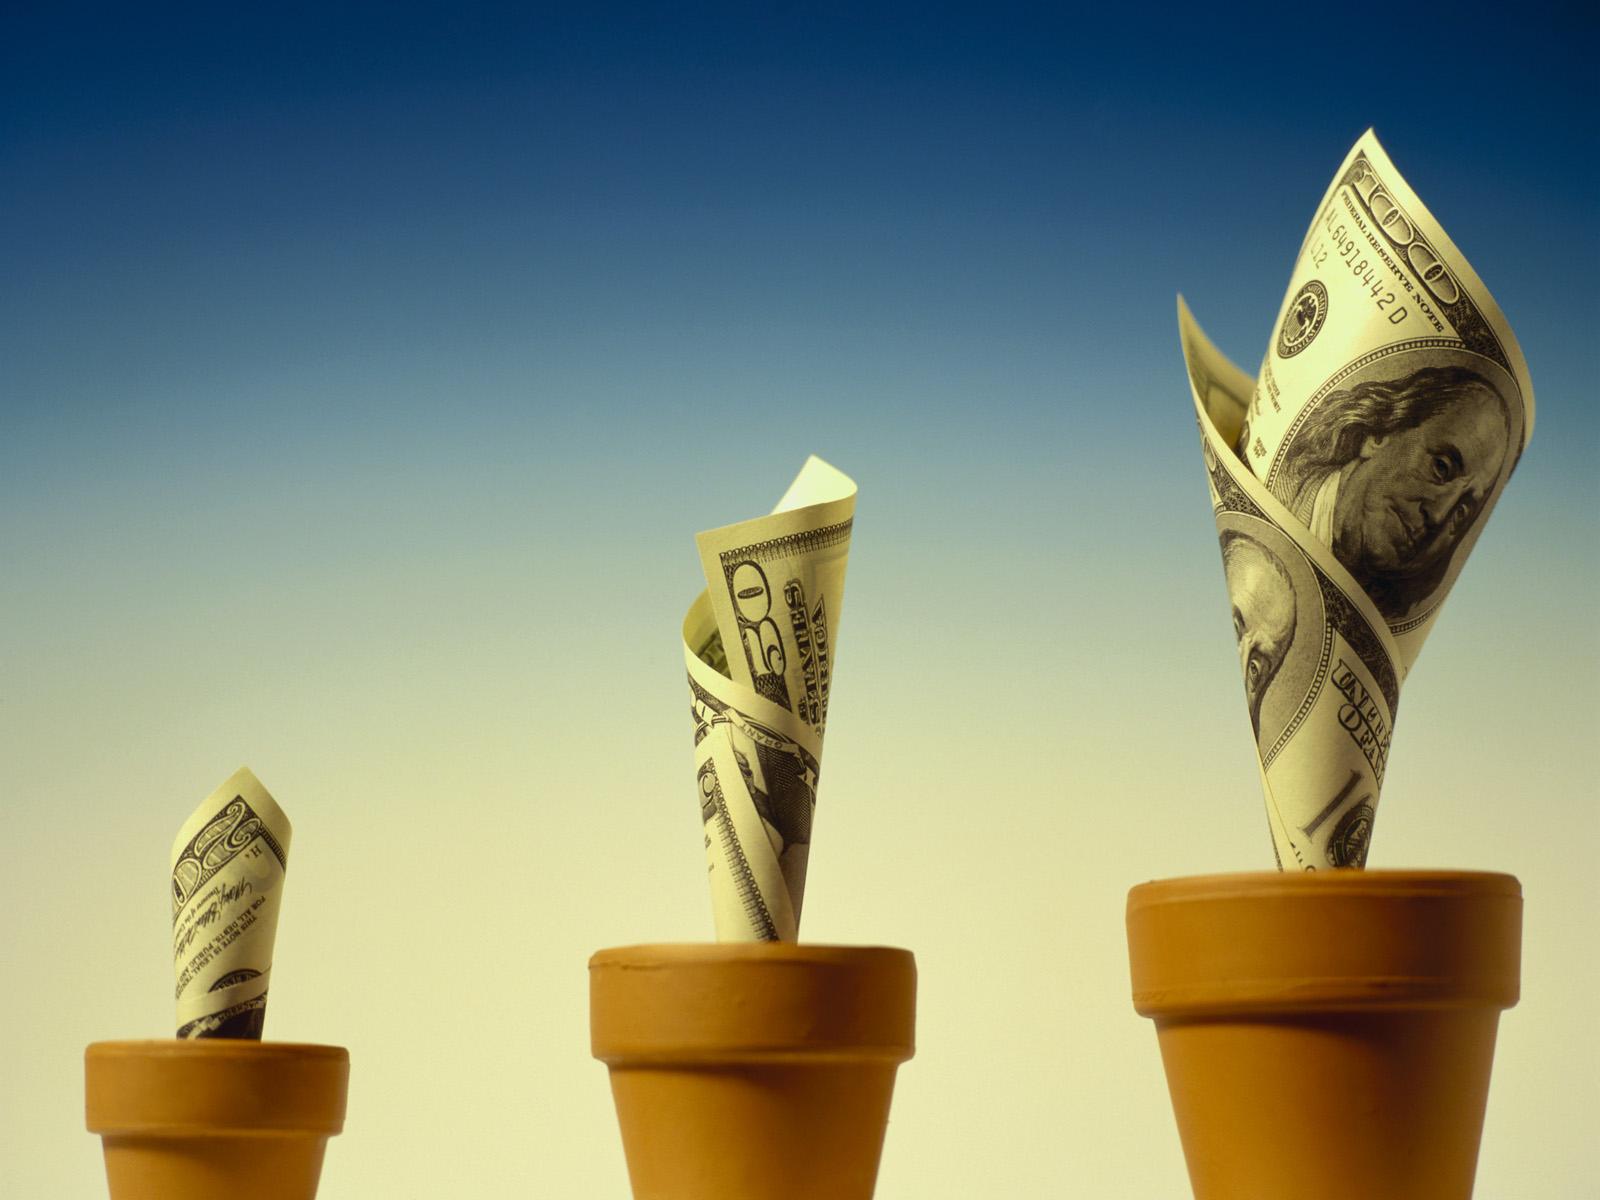 Выбор банков с самым большим процентом по вкладам в долларах